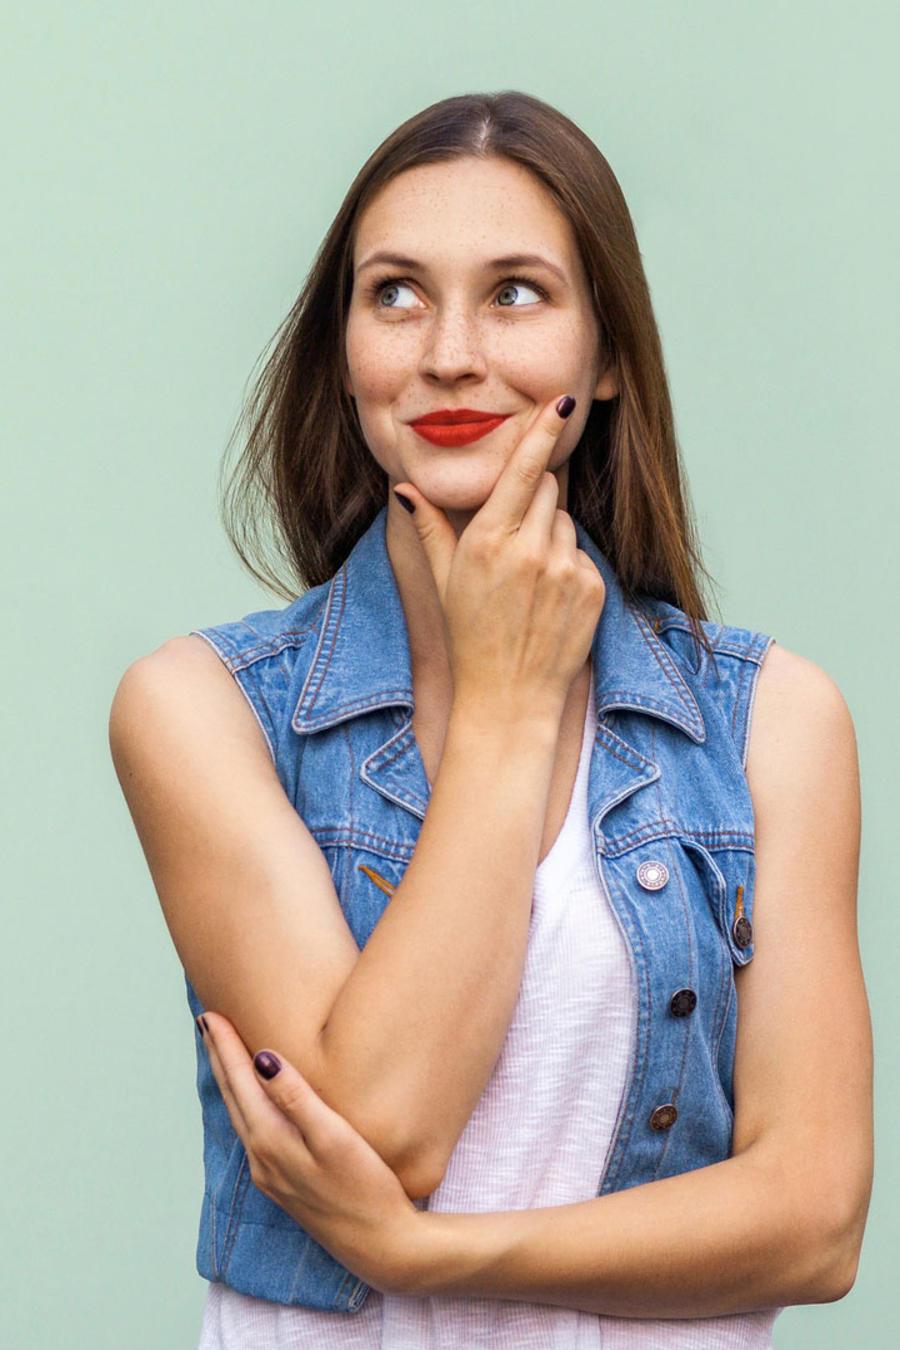 Mujer joven sonriente, pensando